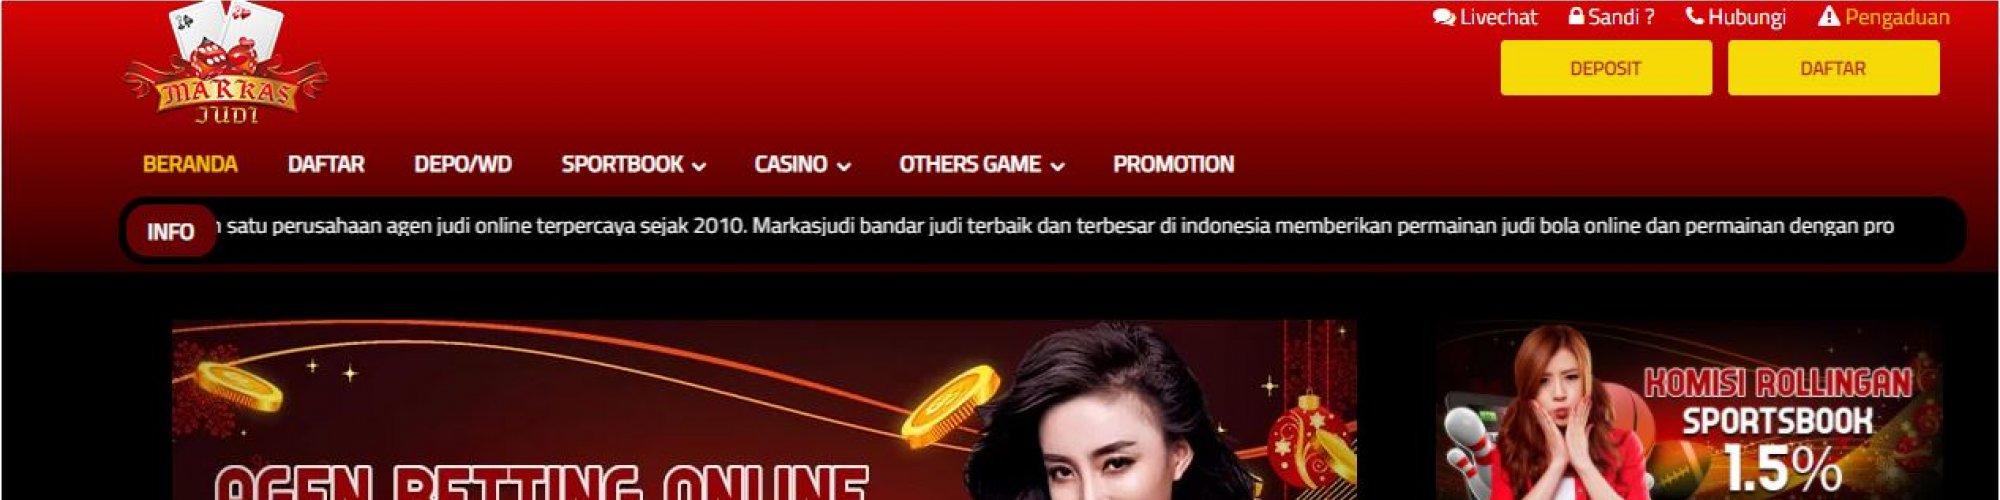 Markasjudi Situs Poker Online Poker Uang Asli Startus